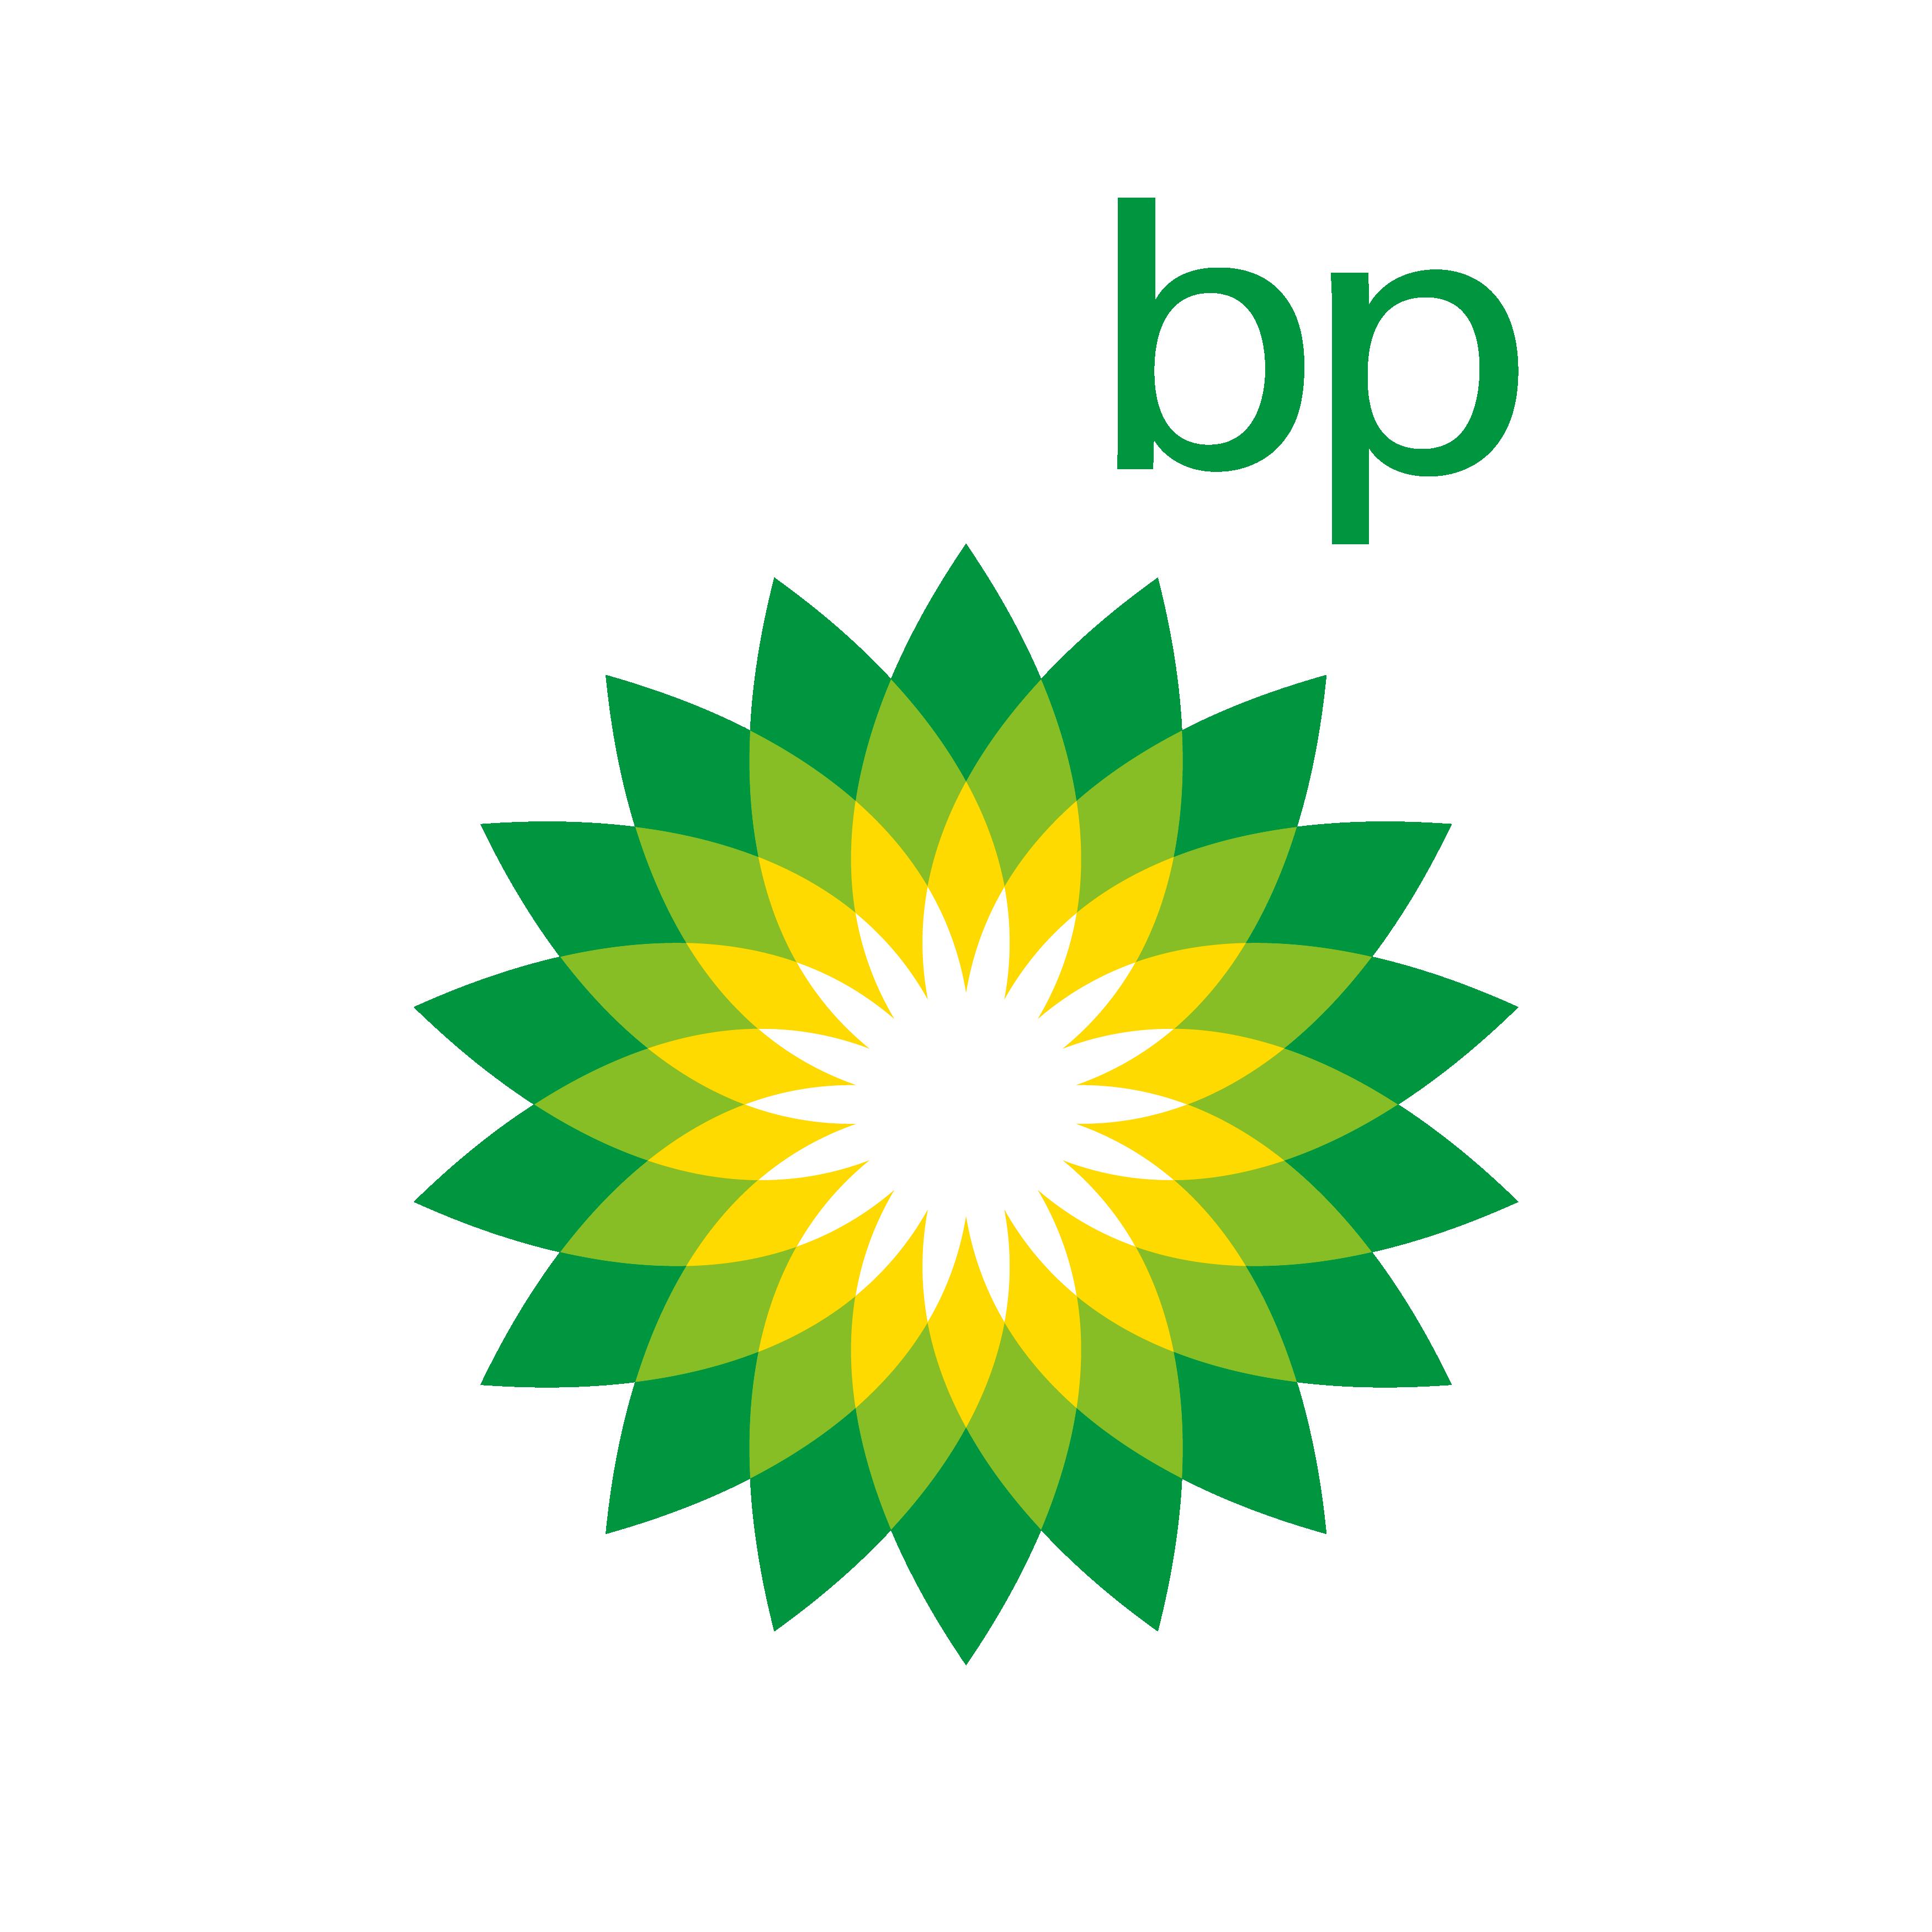 CleanDevil Reinigungsfirma für BP